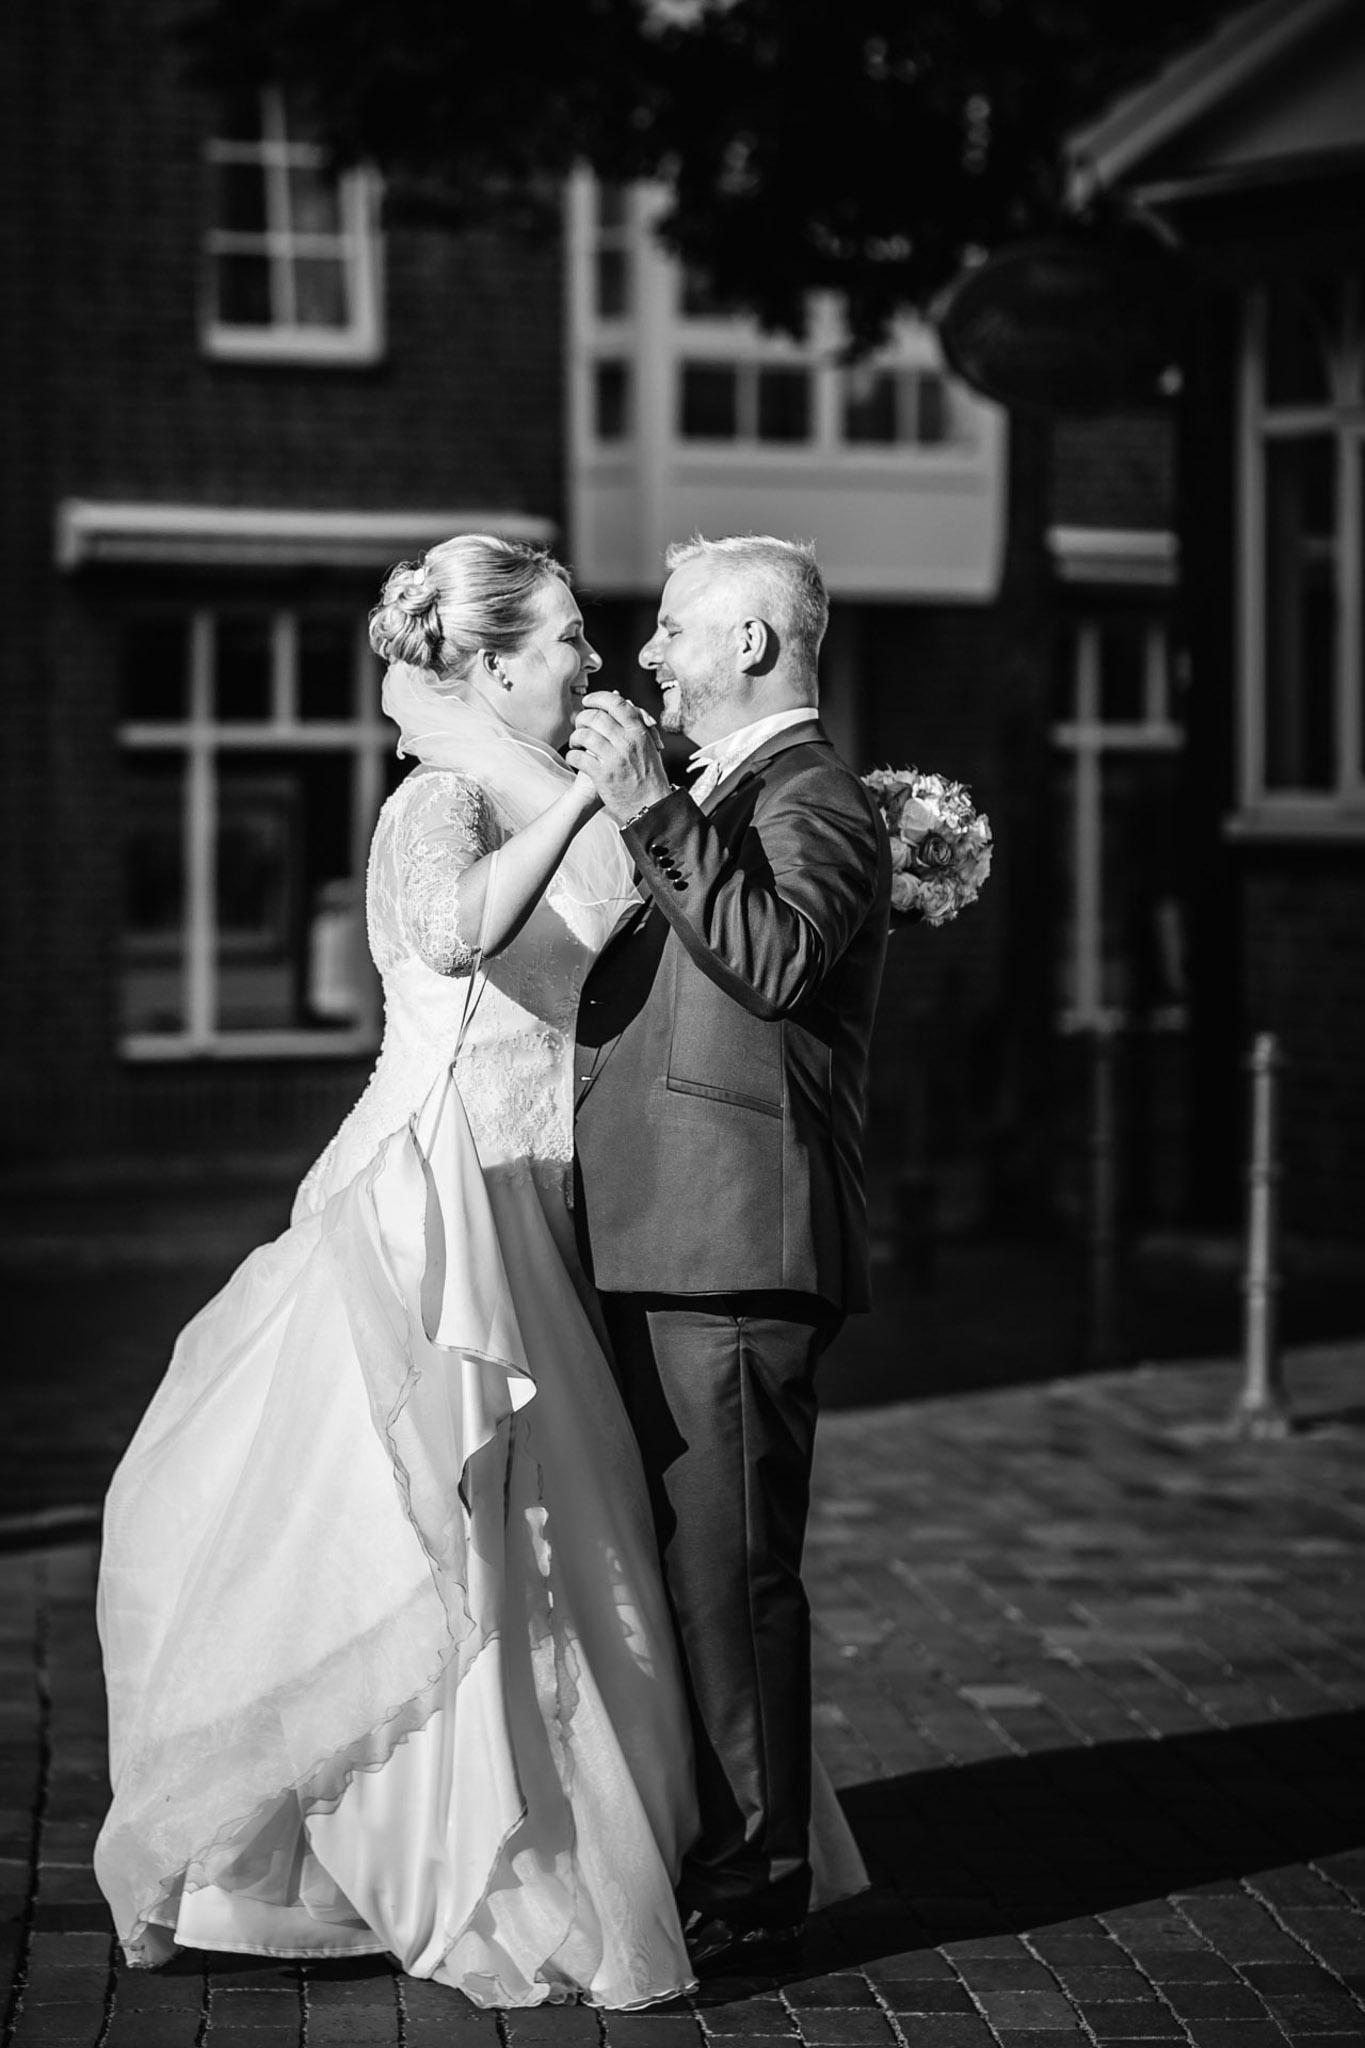 Brautpaartanz auf der Strasse